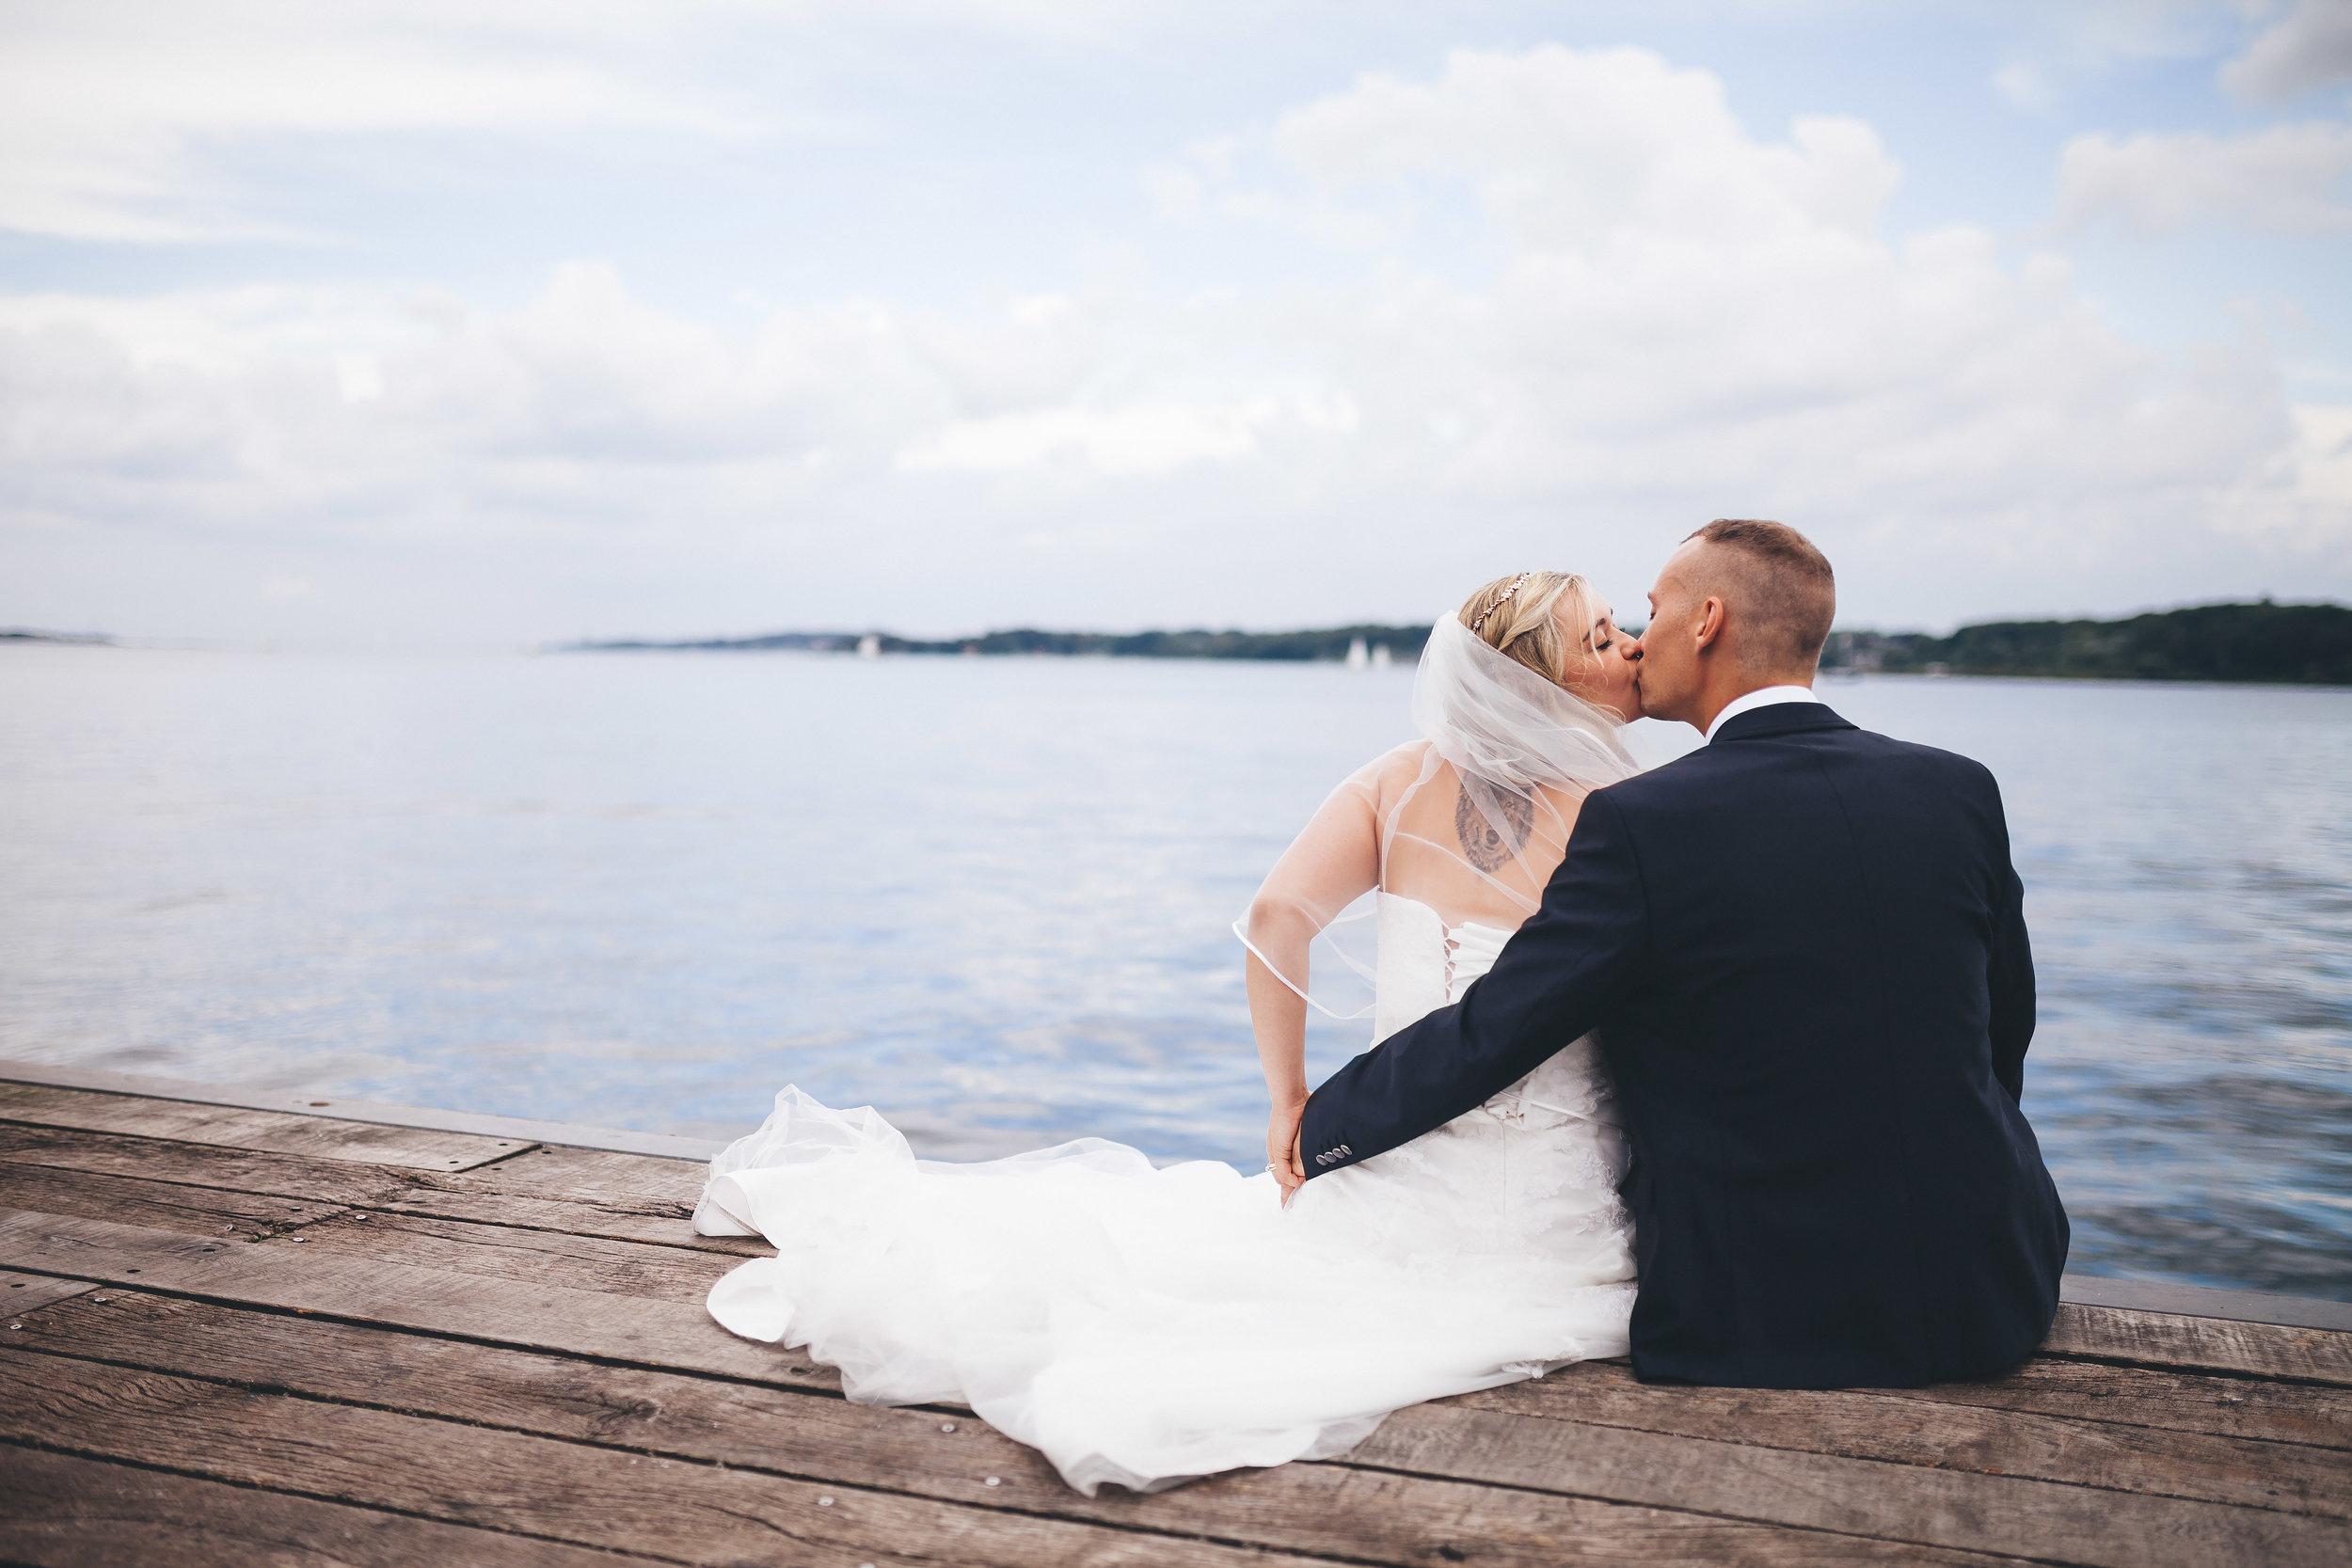 Ein Hochzeitspaar gibt sich auf einem Steg in der Seebar Kiel ein Kuss. Sie sitzen am Ende vom Steg. Die Momentaufnahme ist von Hochzeitsfotograf Kiel Phil Schreyer entstanden.